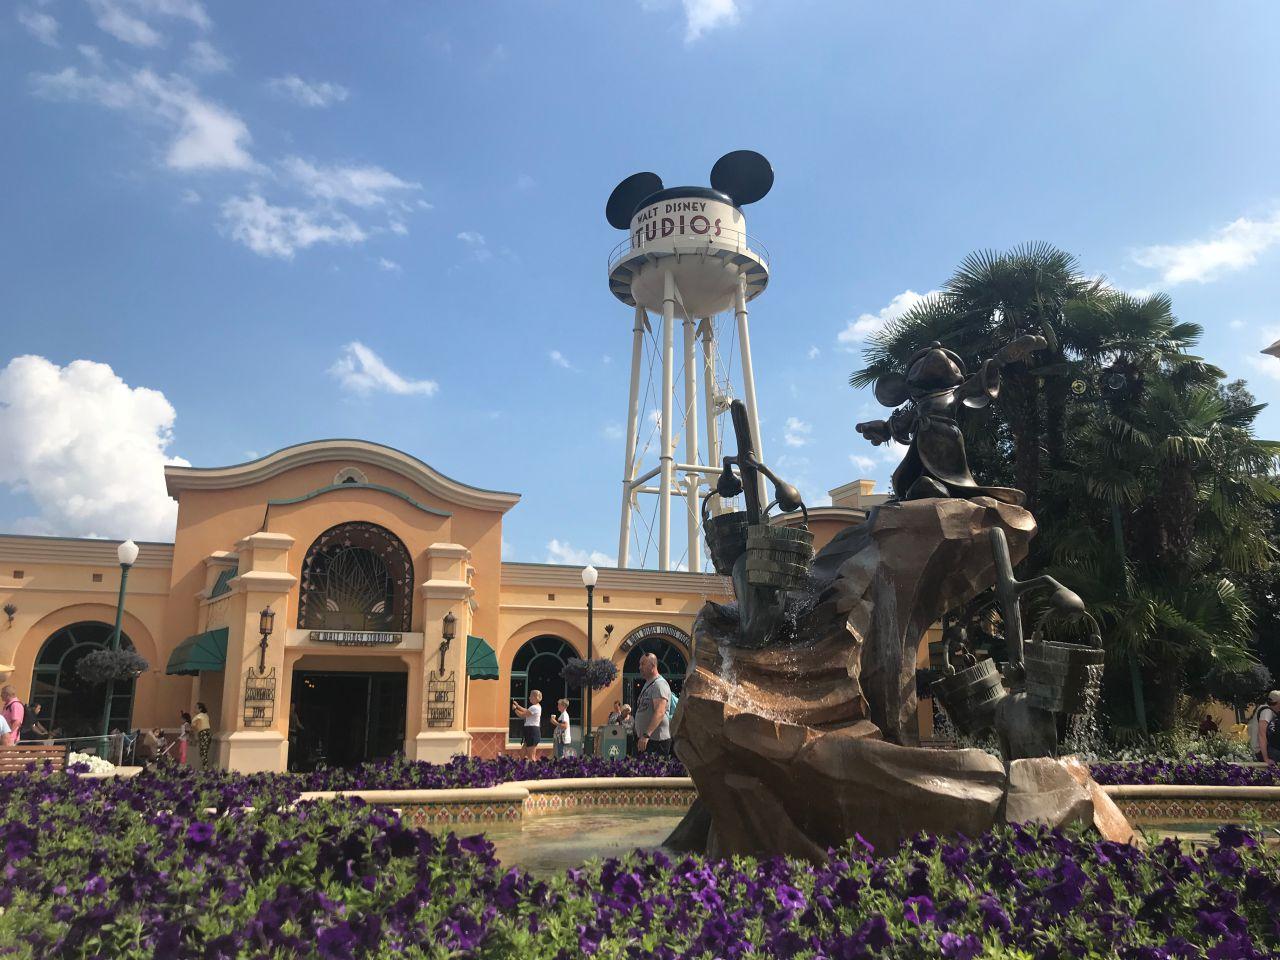 Der Eingangsbereich der Walt Disney Studios